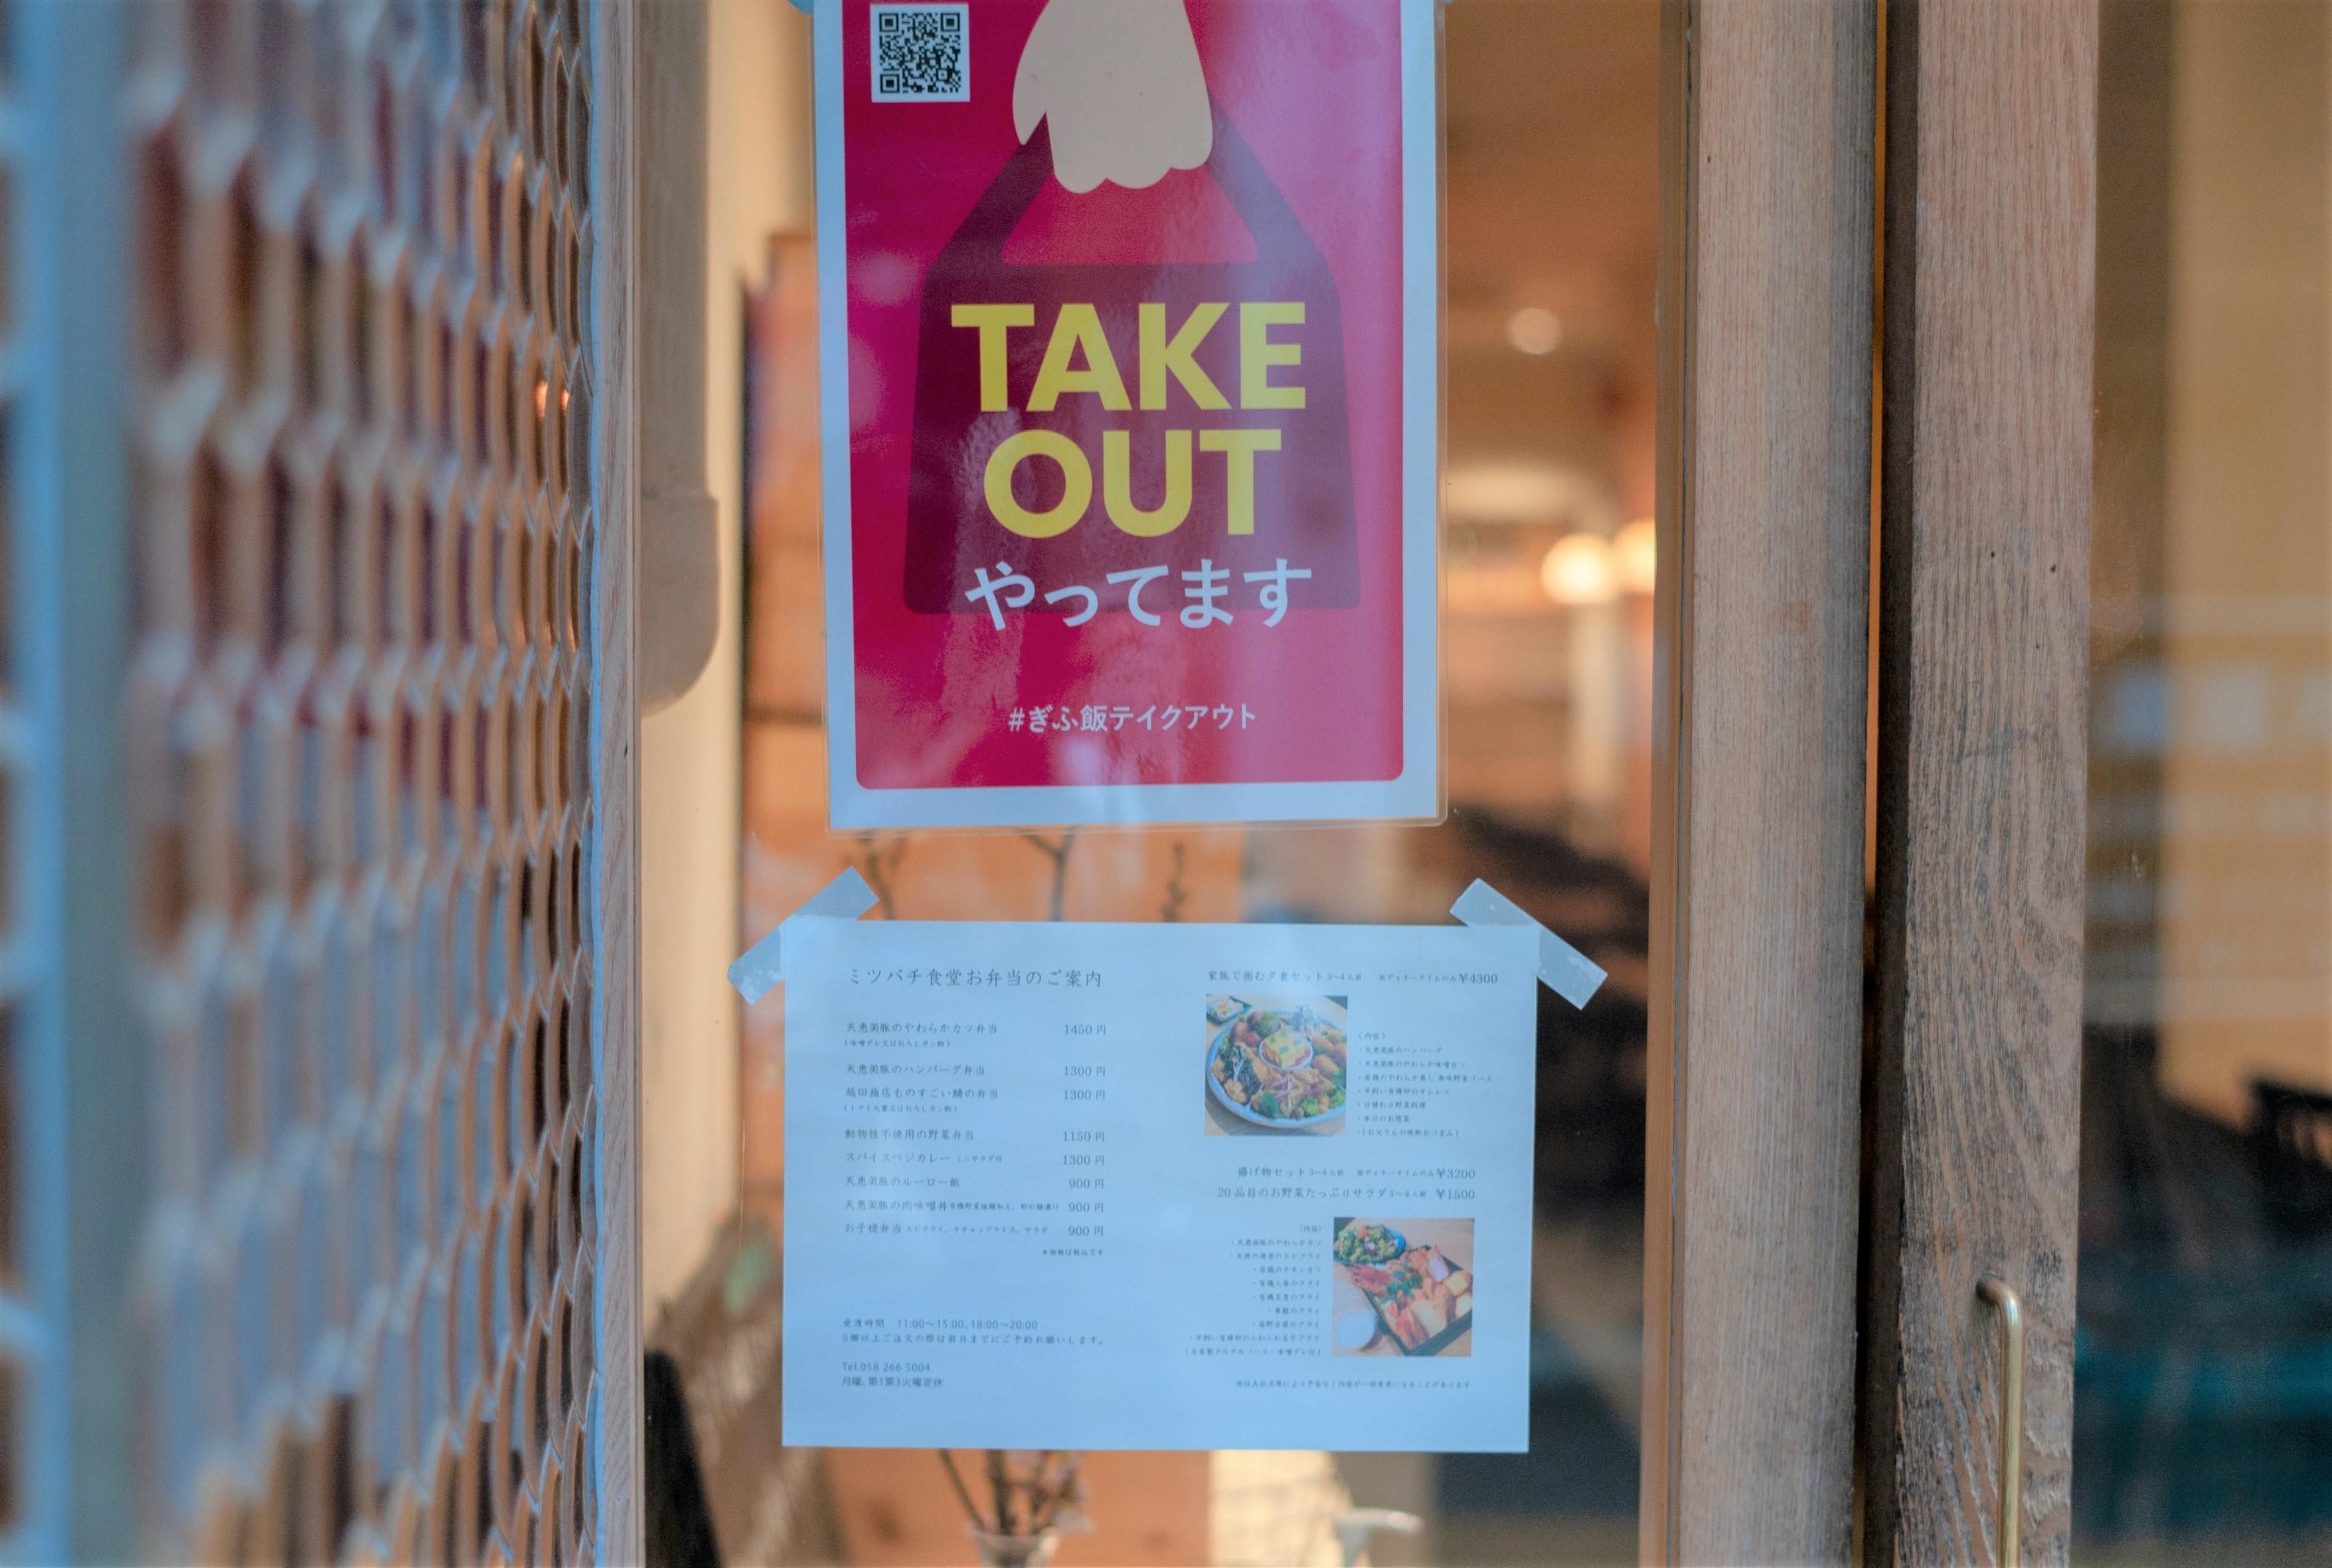 からだに優しい定食が絶品!岐阜の「ミツバチ食堂」で、地元で取れたお野菜と無農薬・無添加の食材を味わおう - bf60432036d1284de8a6deb01bcca1e6